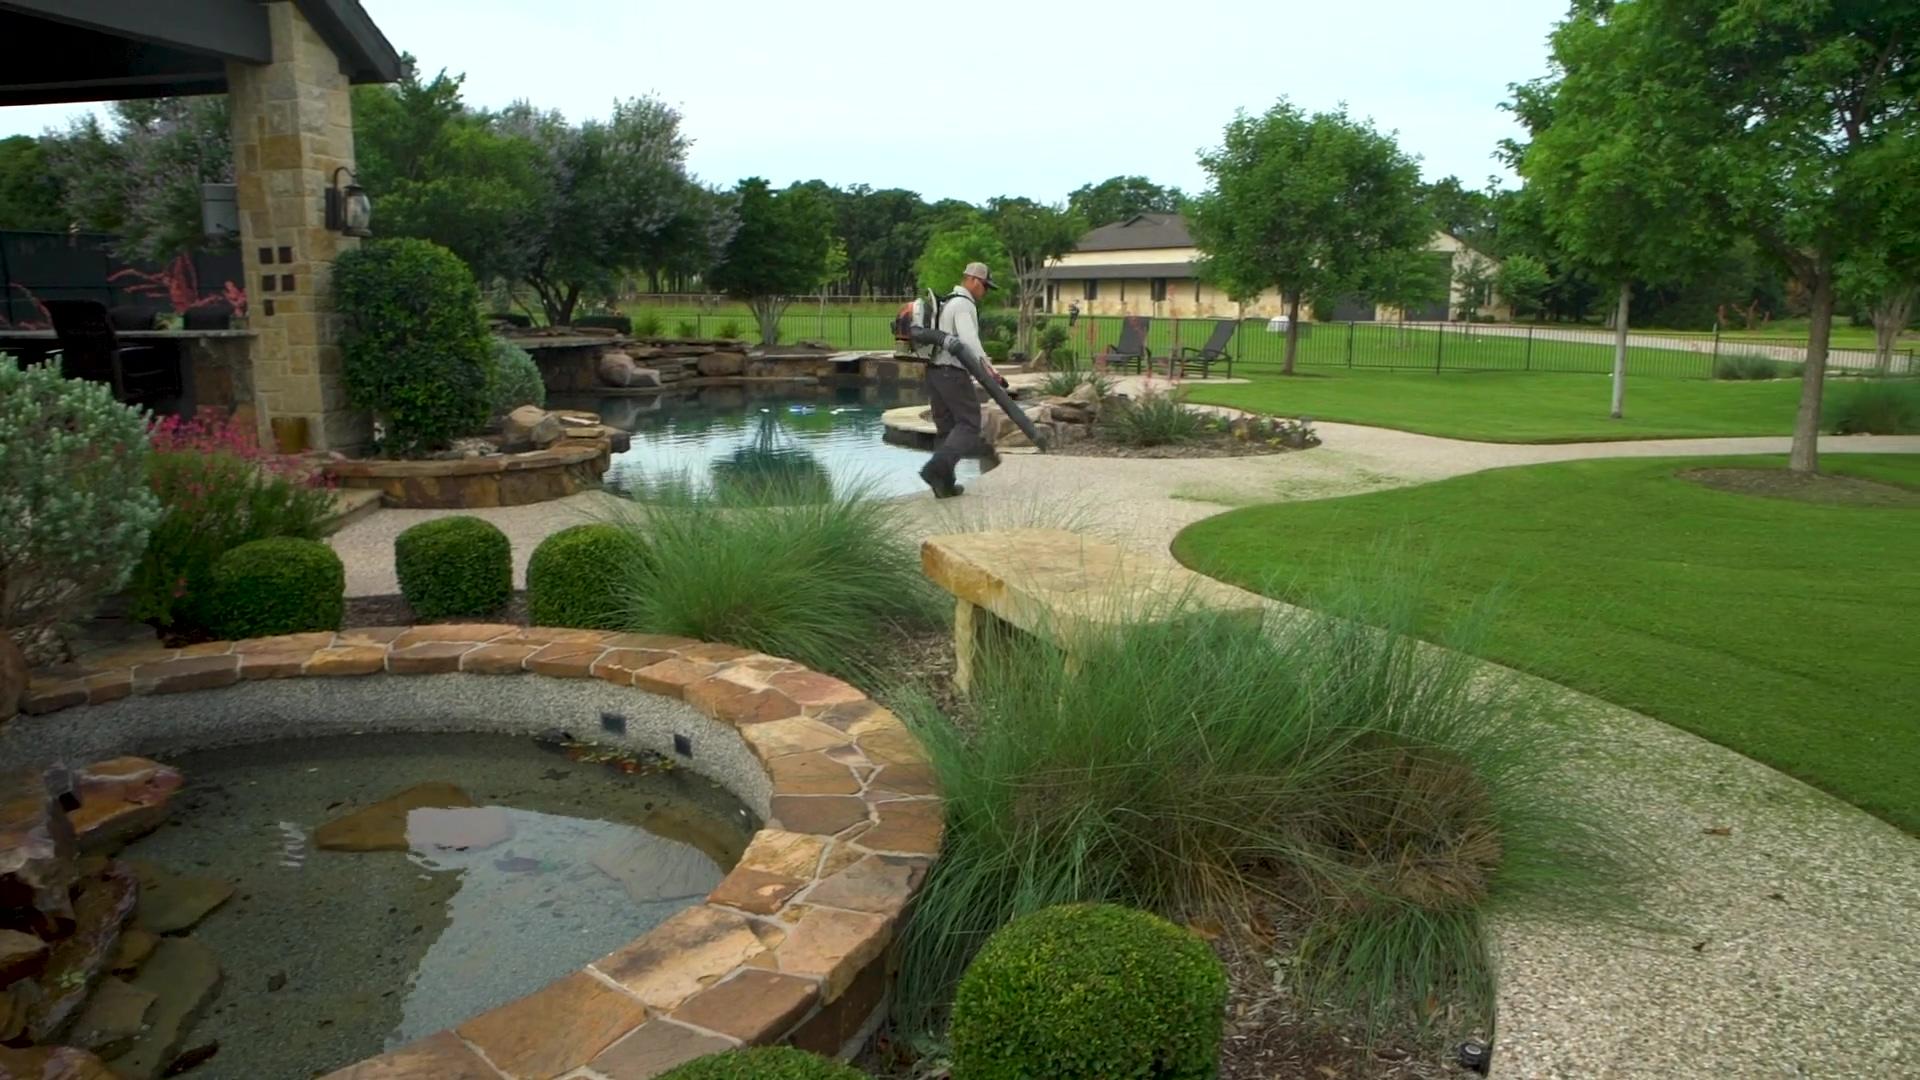 Grassperson Lawn Care & Landscape - About Video